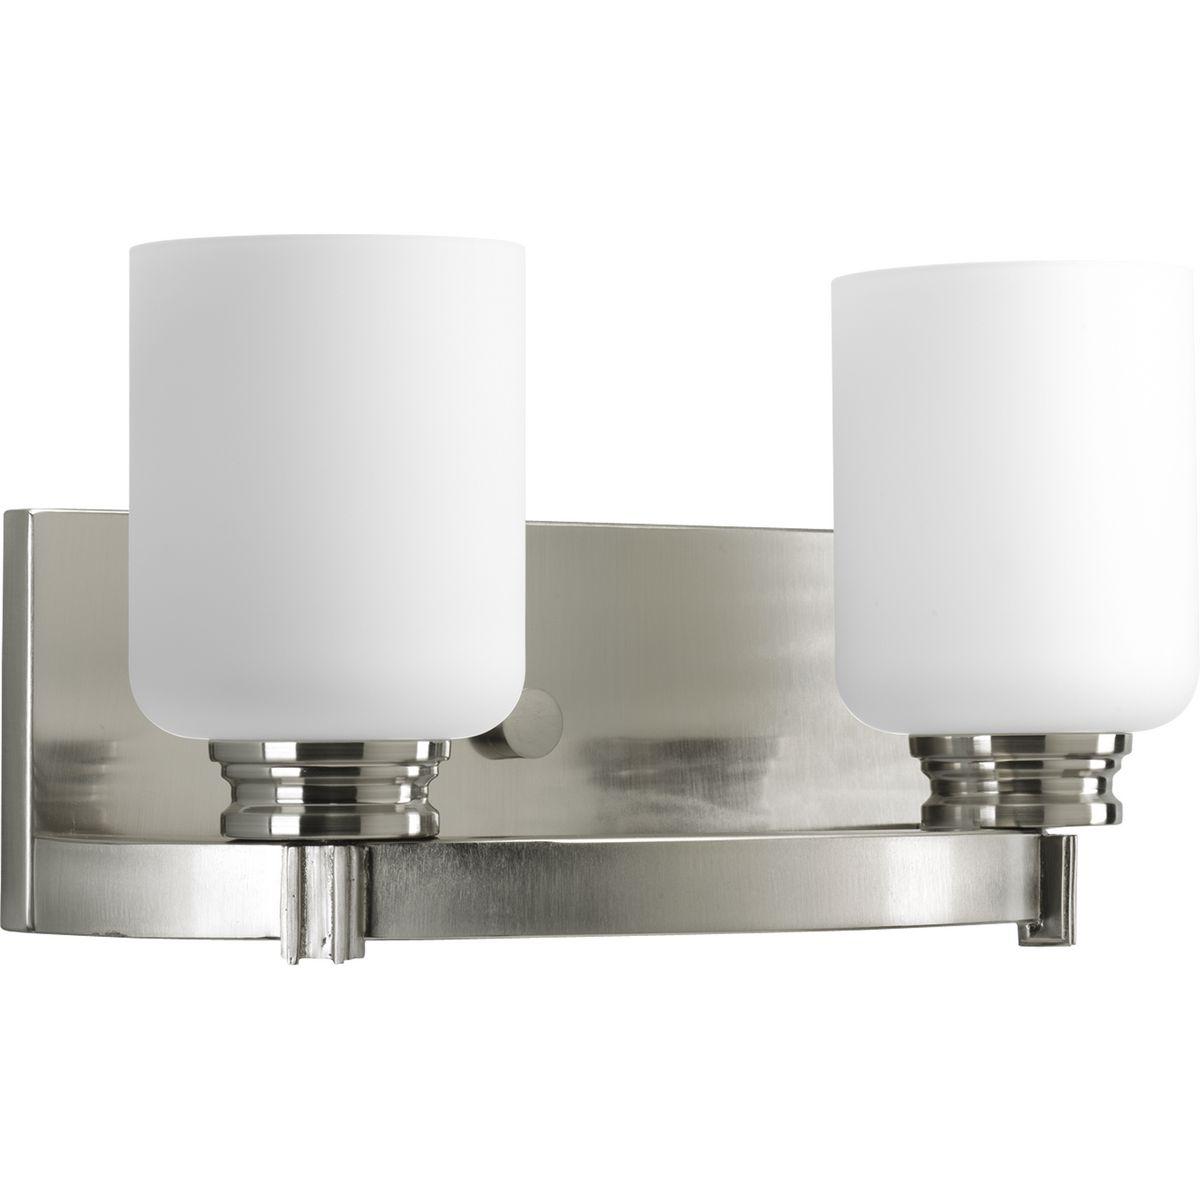 Orbitz Collection Two Light Bath Vanity P3057 09